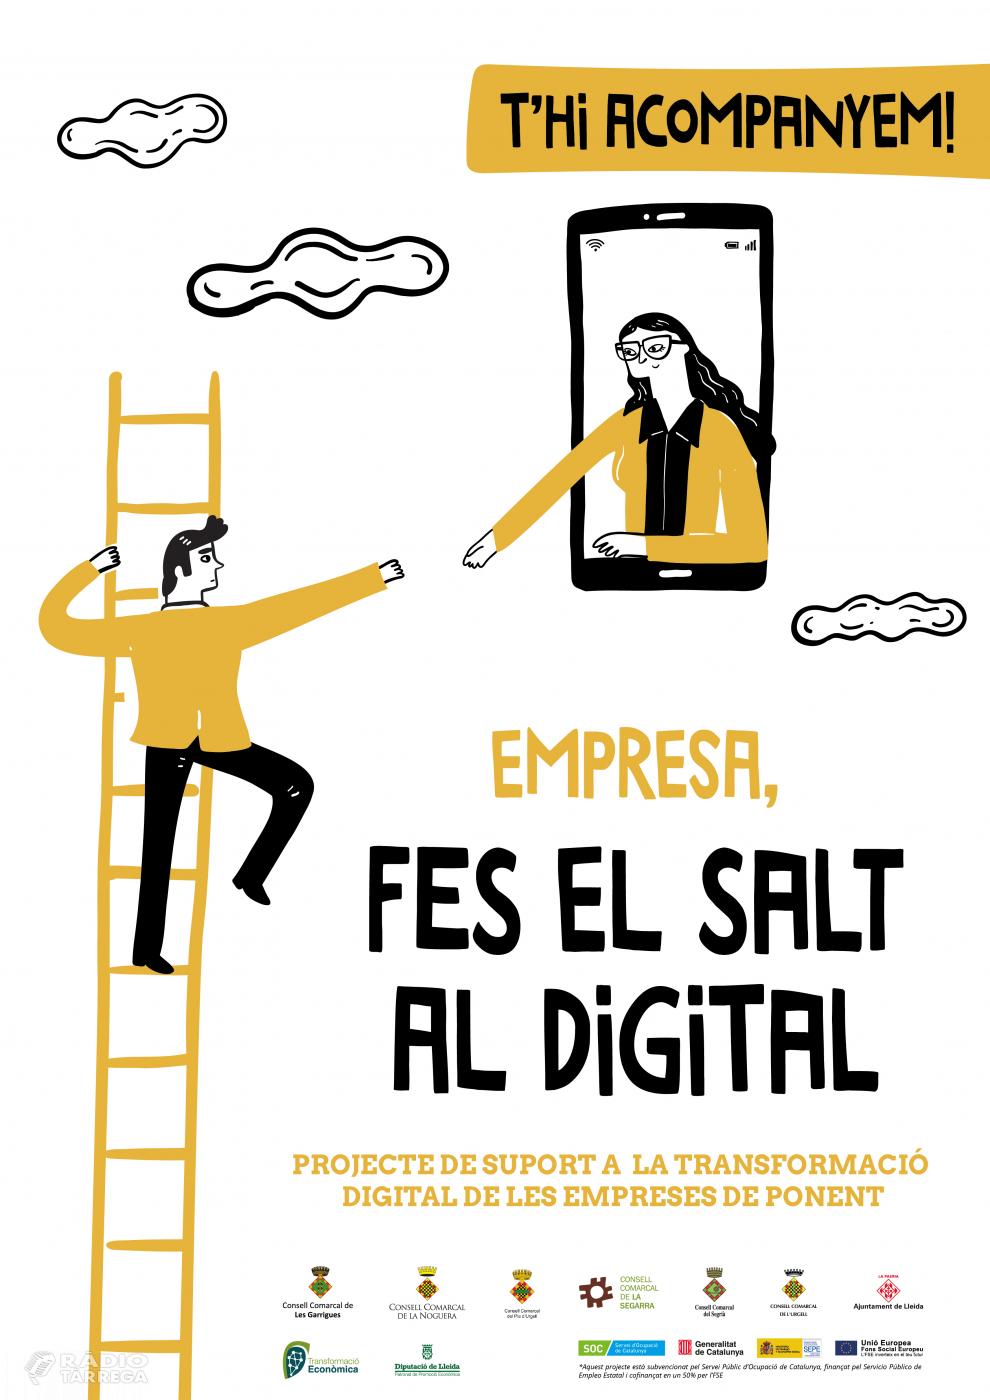 Suport a la transformació digital de les empreses de Ponent a través de la campanya 'EMPRESA, FES EL SALT AL DIGITAL'